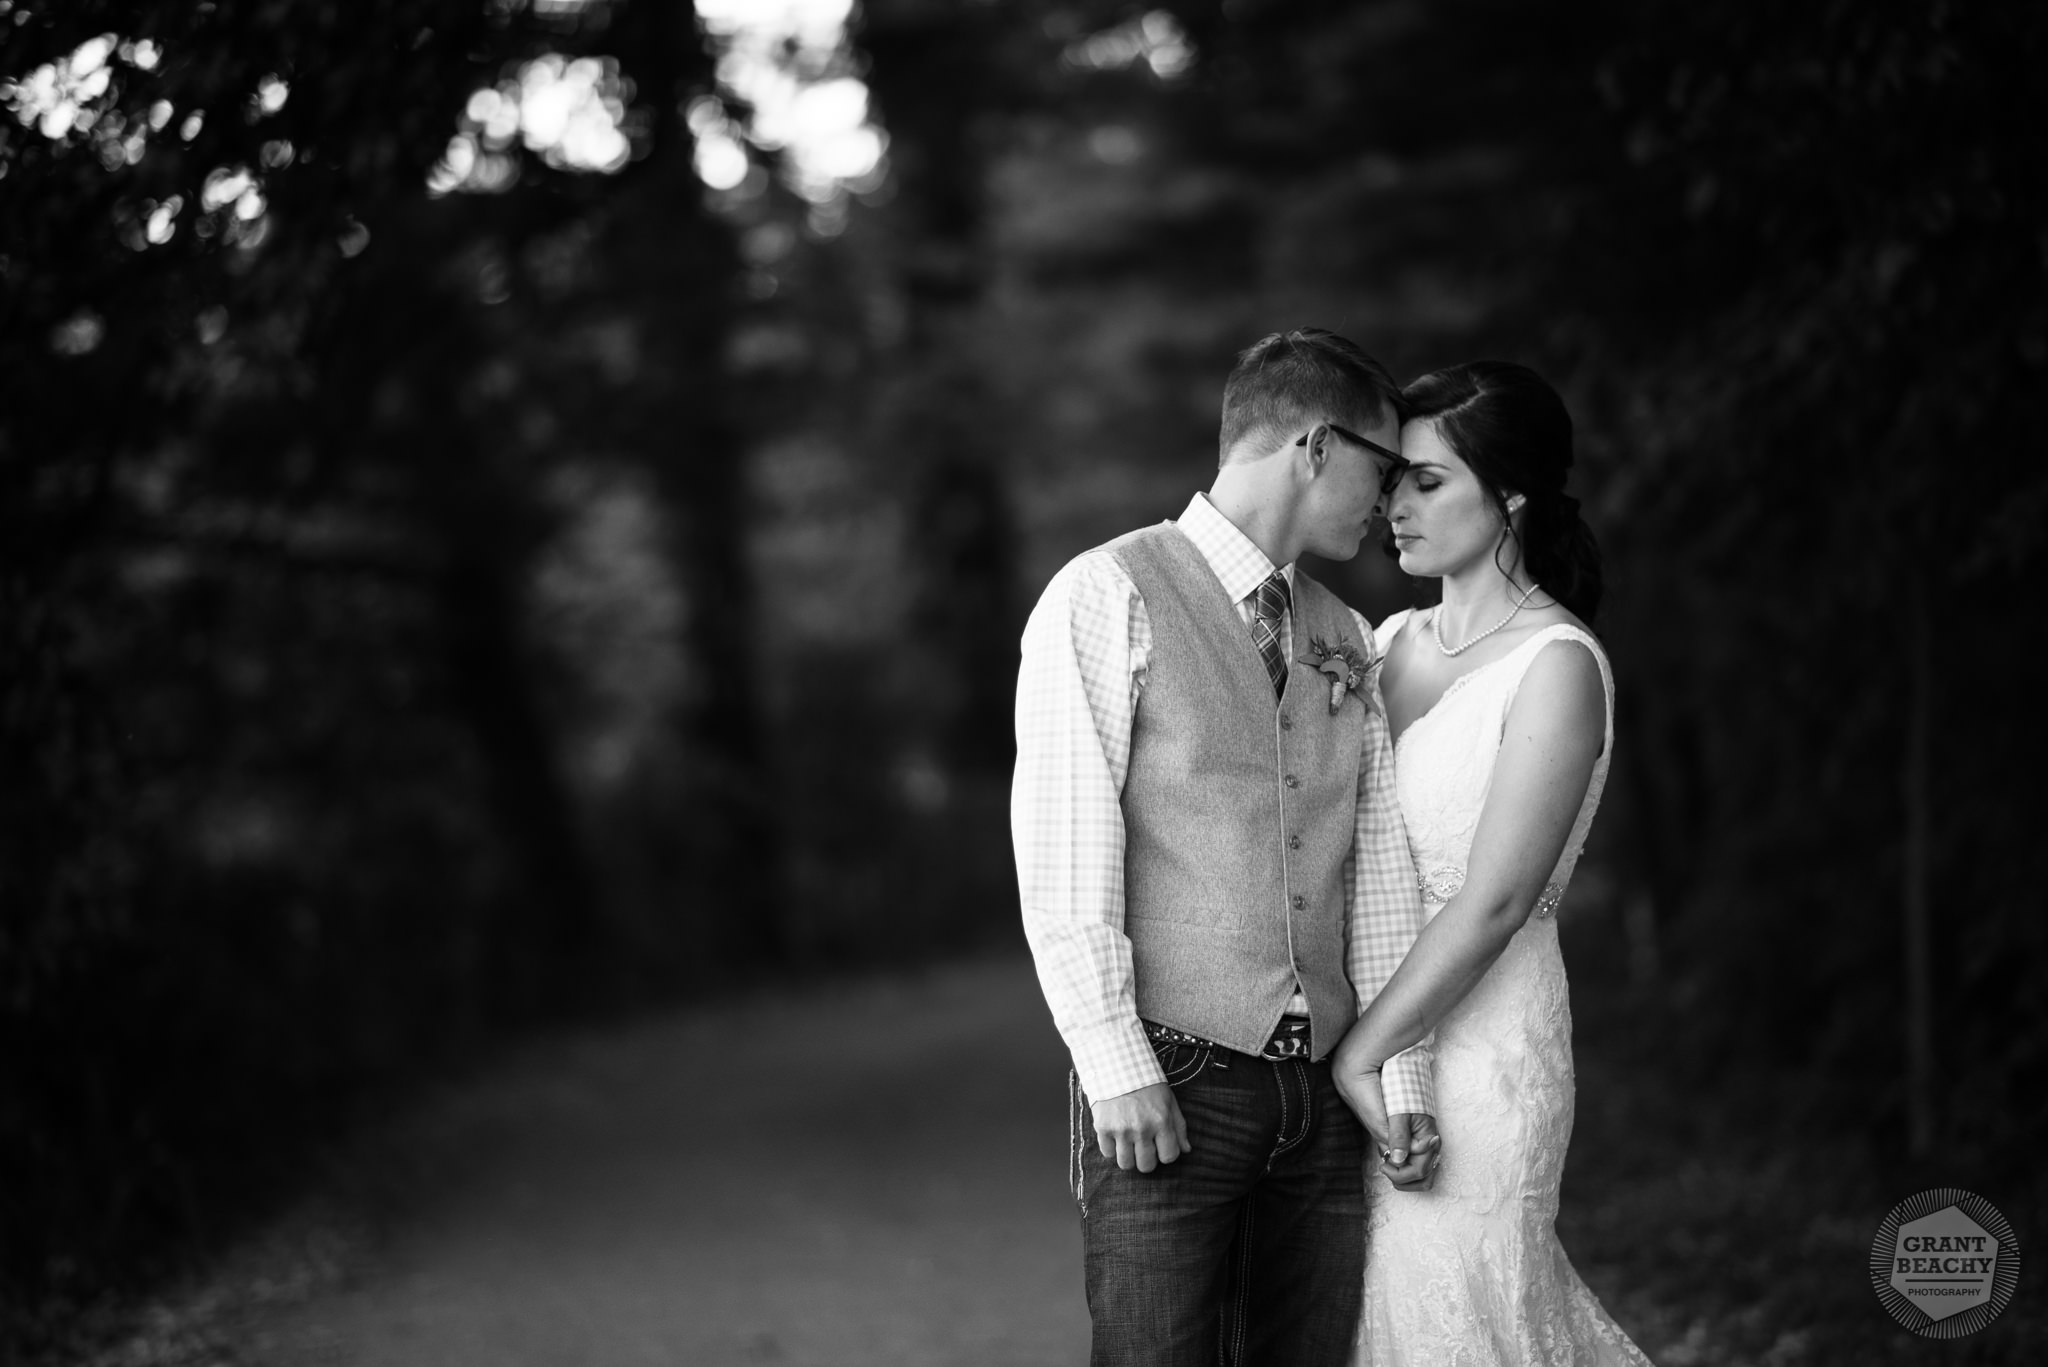 Best of Weddings 2017 Grant Beachy-00043.jpg